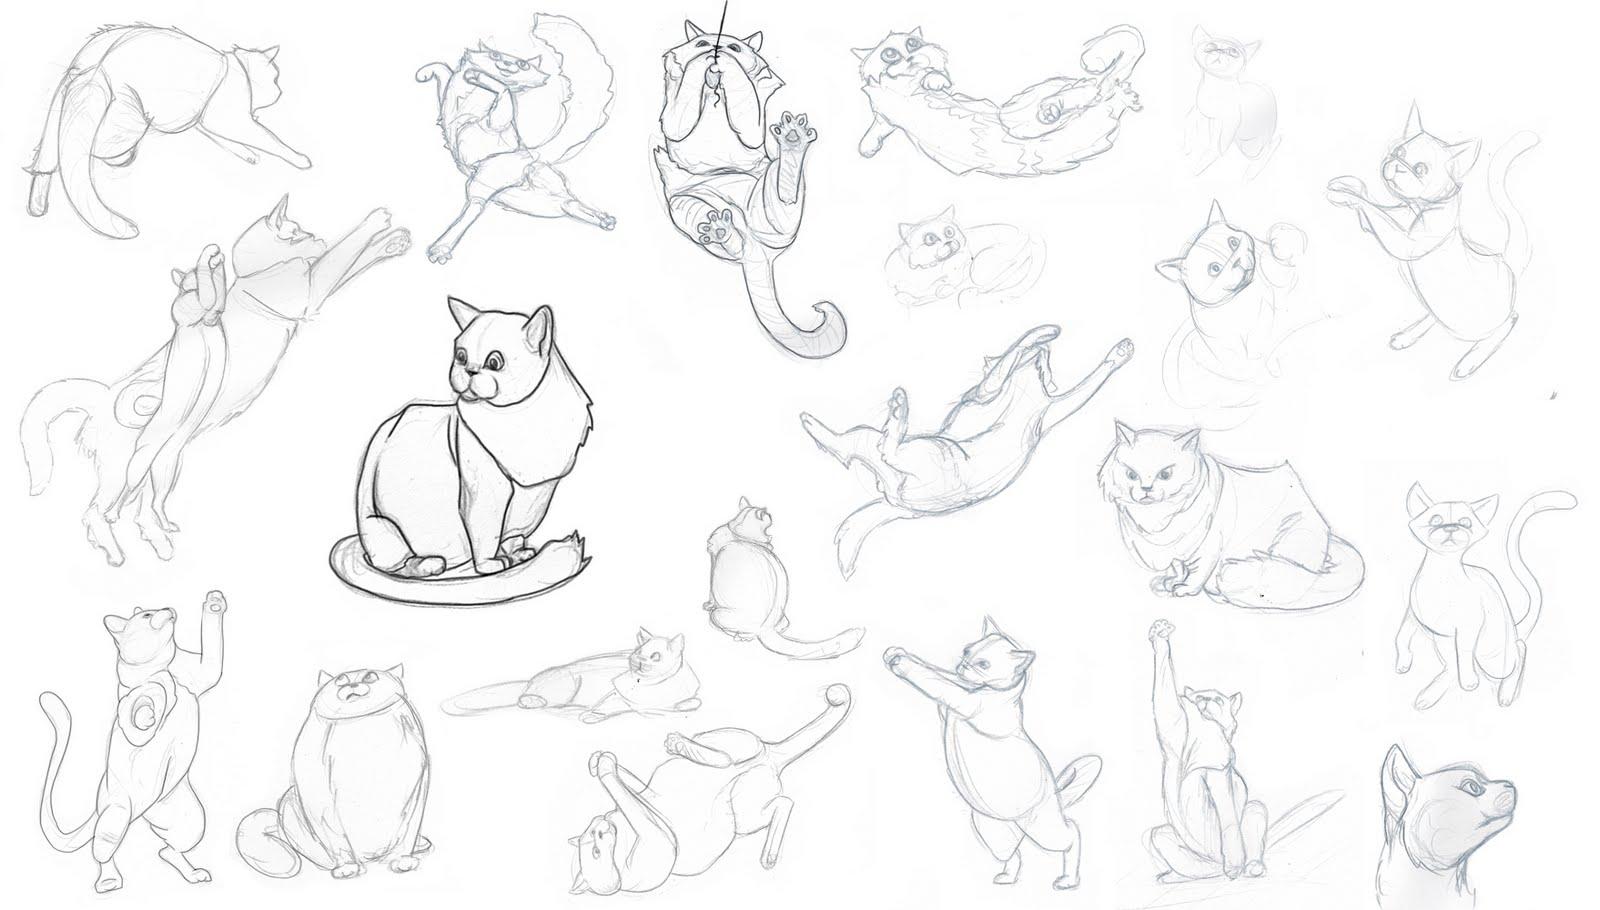 Corso di grafica e disegno per imparare a disegnare come for Disegno gatto facile